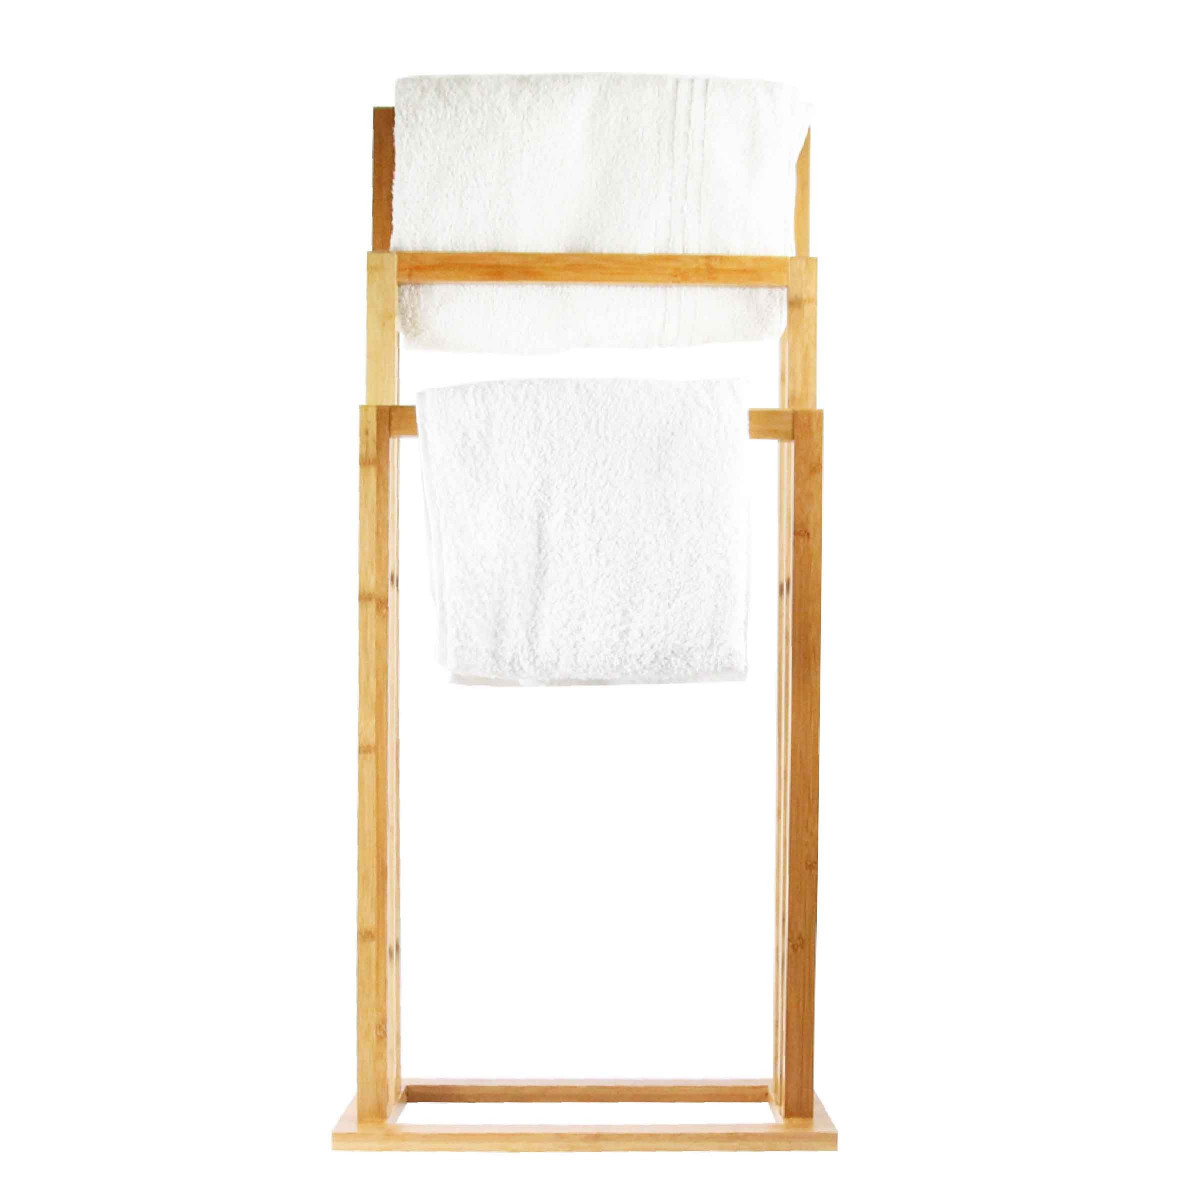 Porte serviette en bois de bambou sur pied for Porte serviette bambou ikea